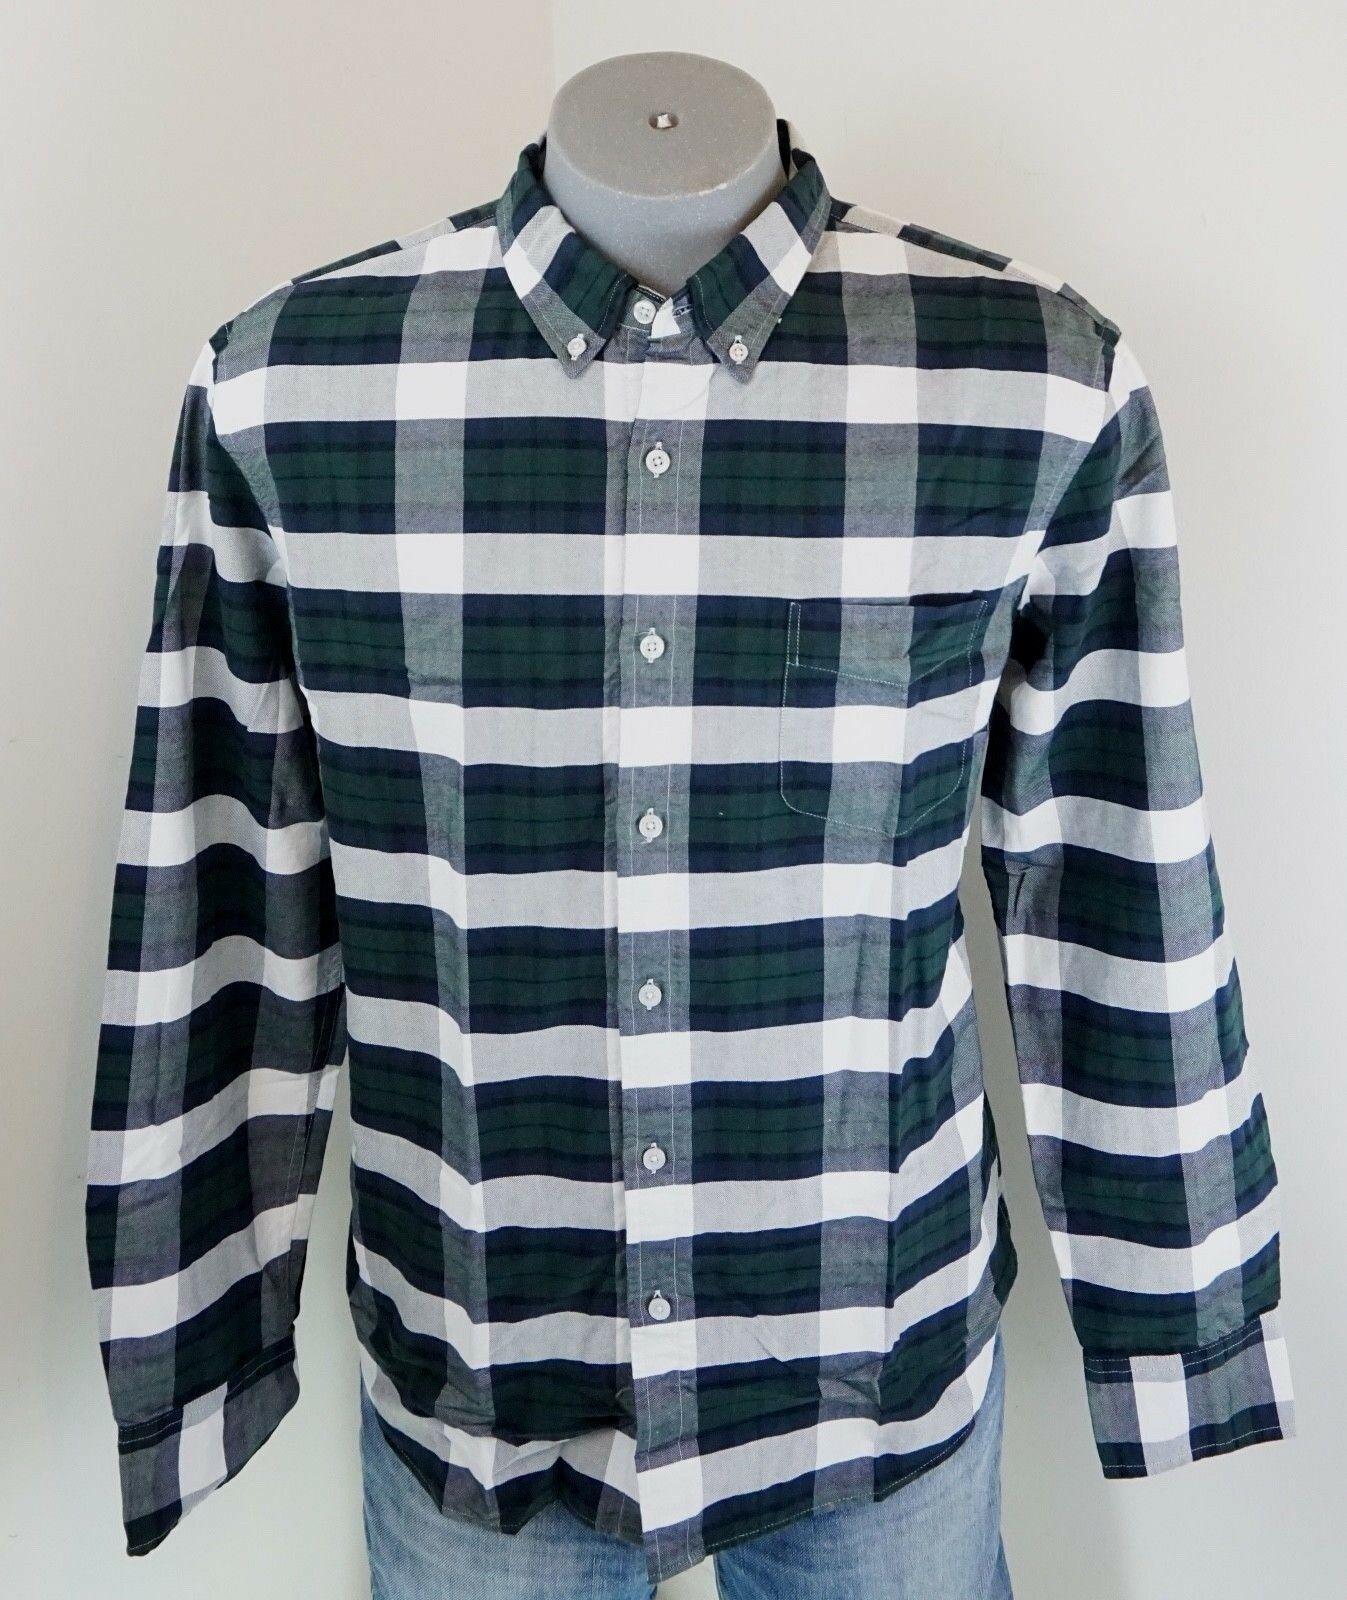 New J.Crew Men's Slim Fit Oxford Shirt Green Plaid XL J Crew NWT